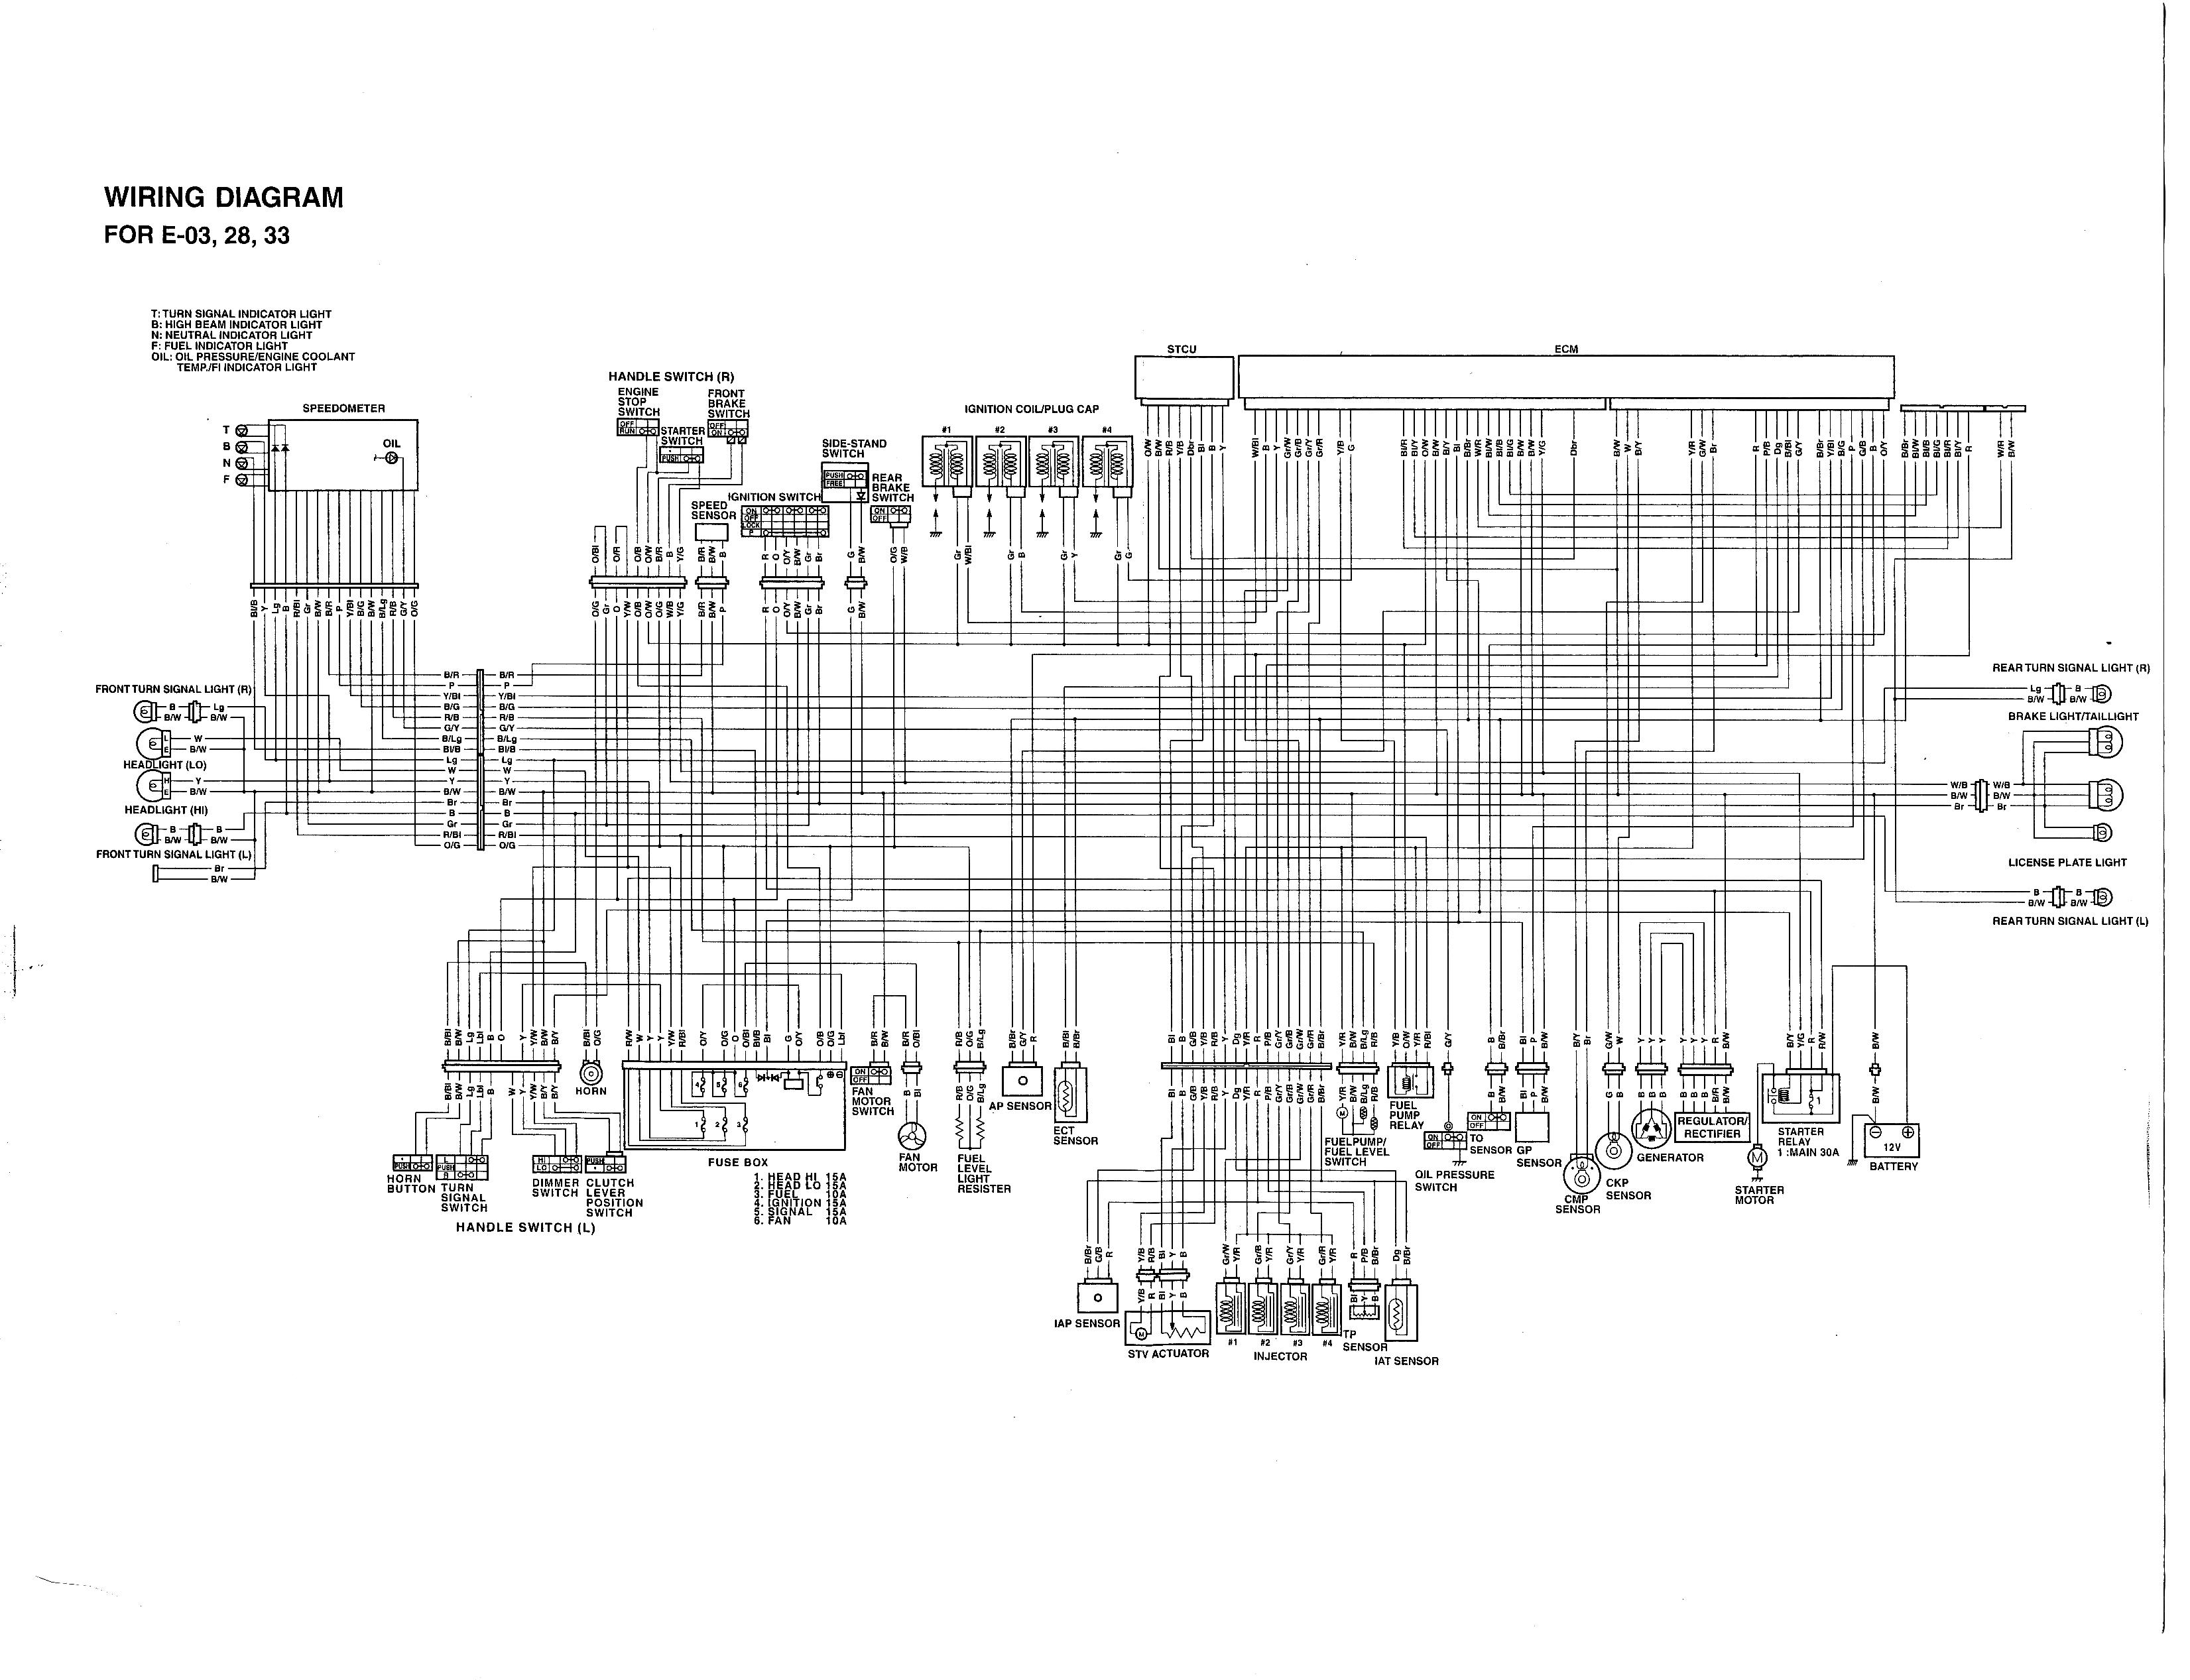 2007 suzuki gsxr 1000 wiring diagram